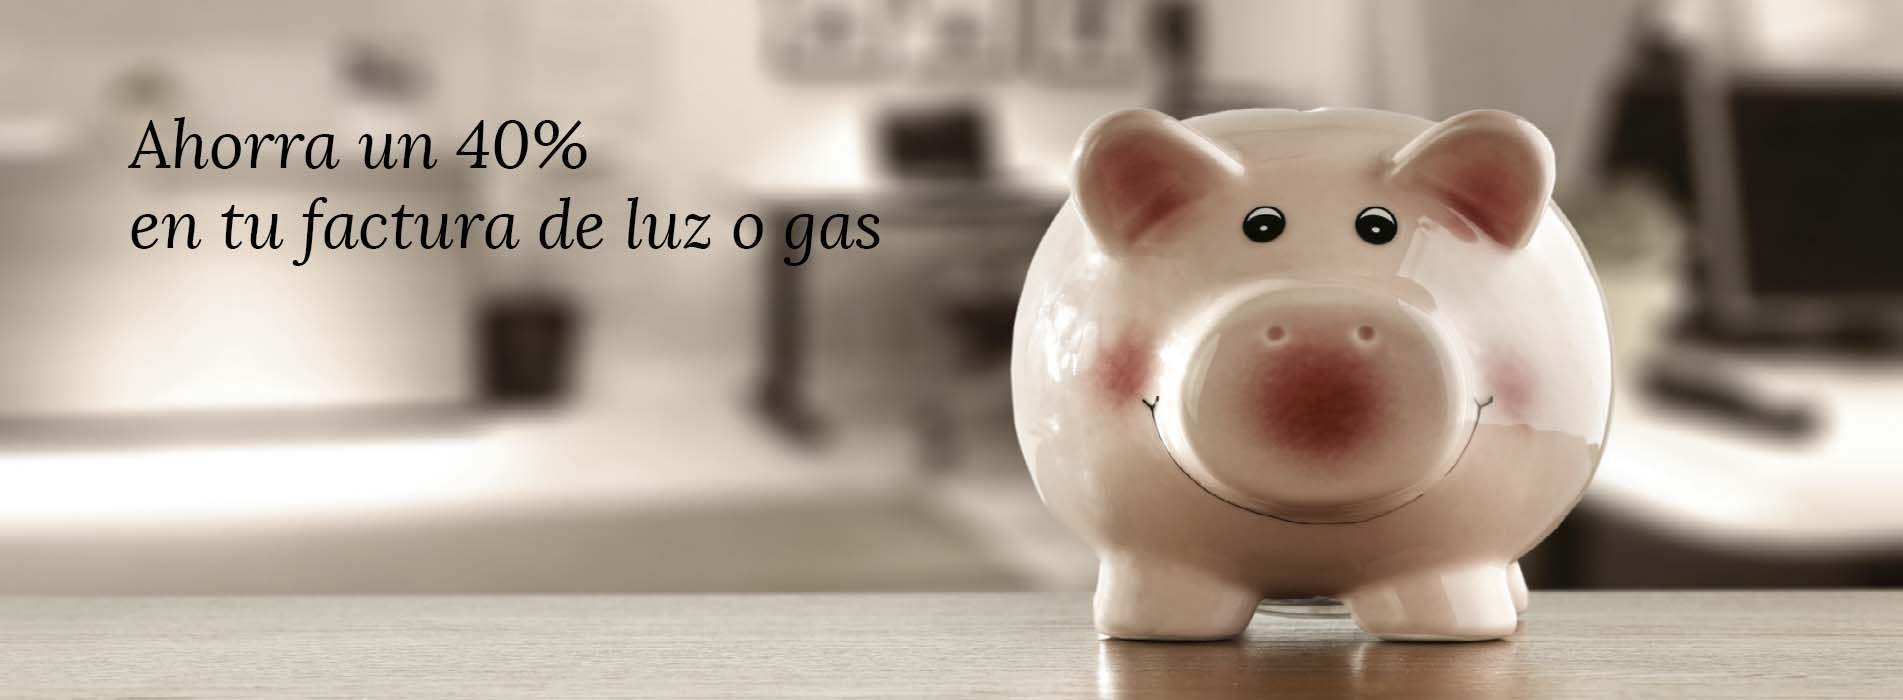 Ahorra en factura luz y gas